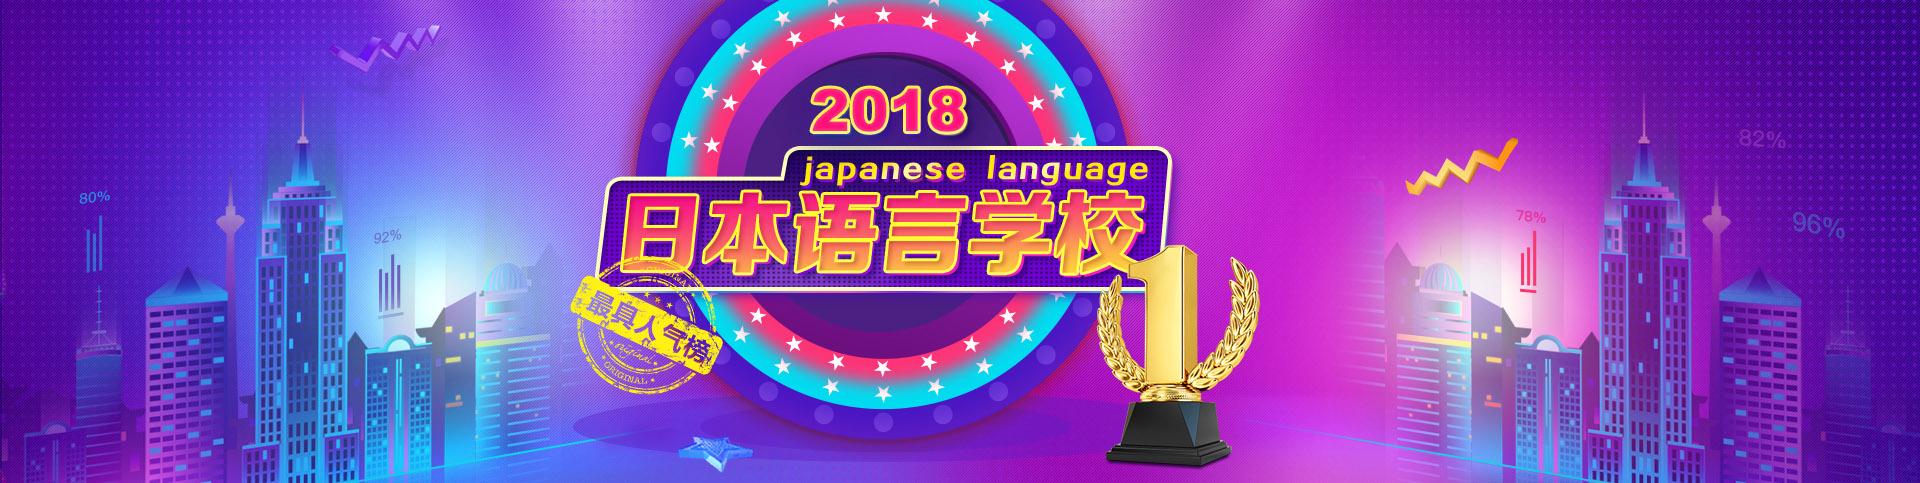 日本语言学校排行榜